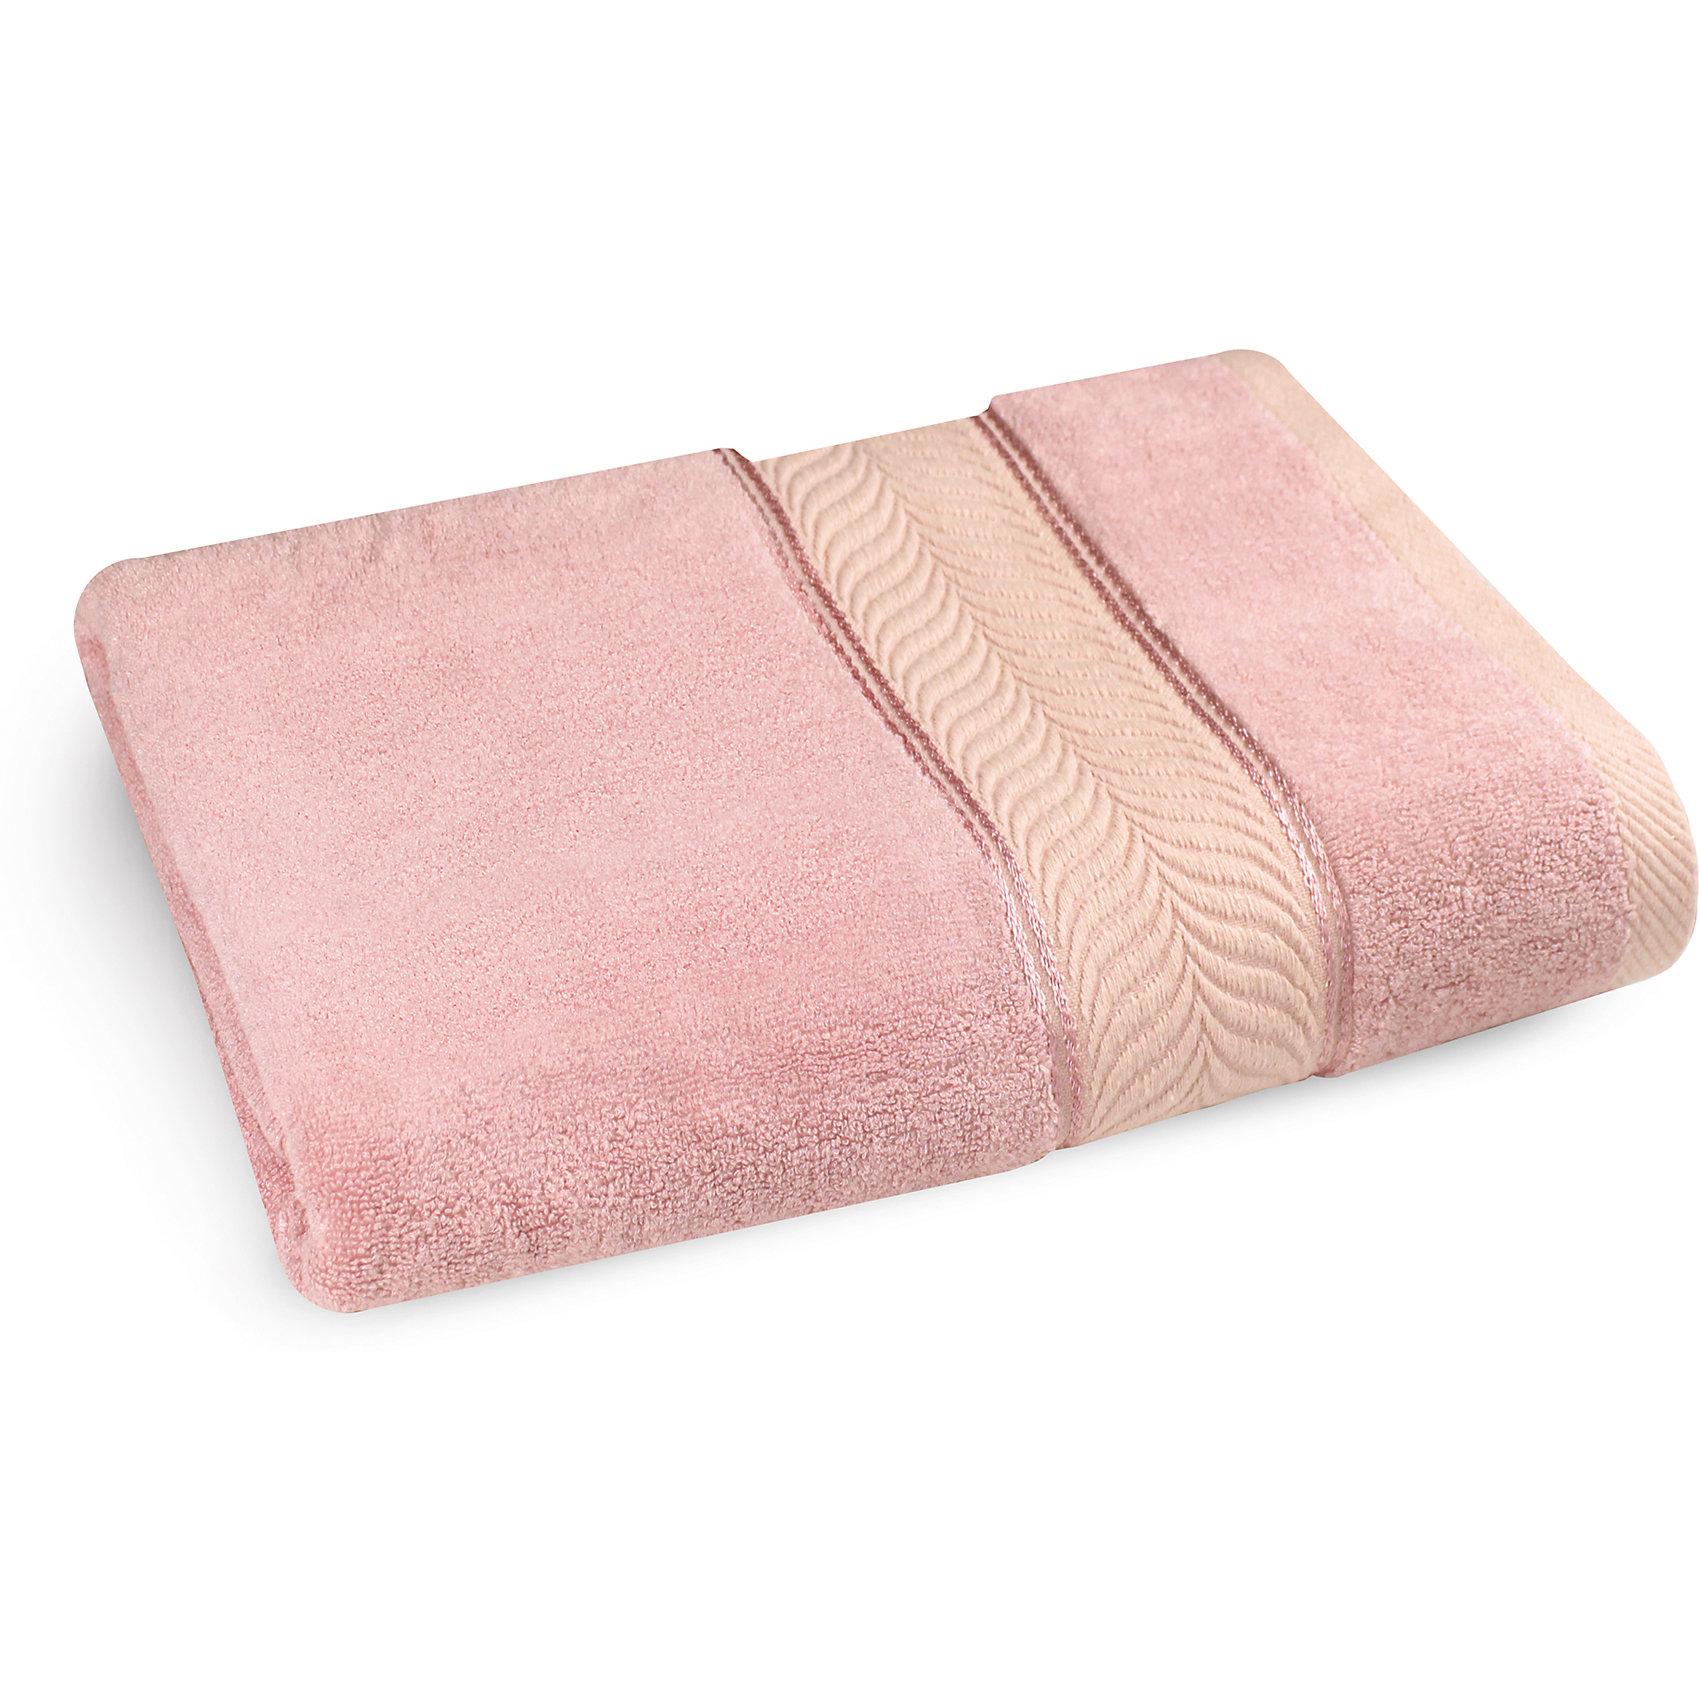 Полотенце махровое 50х100 Cozy Home бамбук, Cozy Home, розовыйВанная комната<br>Полотенце махровое 50х100 бамбук, Cozy Home (Кози Хоум), розовый<br><br>Характеристики:<br><br>• быстро впитывает влагу<br>• препятствует размножению бактерий<br>• легко отстирывается<br>• размер: 50х100 см<br>• материал: бамбук<br>• бордюр: вискоза<br>• цвет: розовый<br><br>Махровое полотенце от Cozy Home изготовлено из экологически чистого материала - бамбука. Оно быстро впитывает большое количество влаги. При этом бамбуковые волокна препятствуют размножению микробов и бактерий. Полотенце очень приятно на ощупь, а также не вызывает раздражения на коже. Оно отлично подойдет даже для новорожденных. Полотенце очень неприхотливо в уходе. Достаточно постирать его при температуре 30-40? или вручную с мылом. Приятный дизайн полотенца понравится каждому. Бордюр из вискозы придает полотенцу особенную нежность и изысканность. Это полотенце подарит вам комфорт и уют, радуя своей мягкостью.<br><br>Полотенце махровое 50х100 бамбук, Cozy Home (Кози Хоум), розовый можно купить в нашем интернет-магазине.<br><br>Ширина мм: 150<br>Глубина мм: 250<br>Высота мм: 150<br>Вес г: 250<br>Возраст от месяцев: 0<br>Возраст до месяцев: 216<br>Пол: Женский<br>Возраст: Детский<br>SKU: 5355299